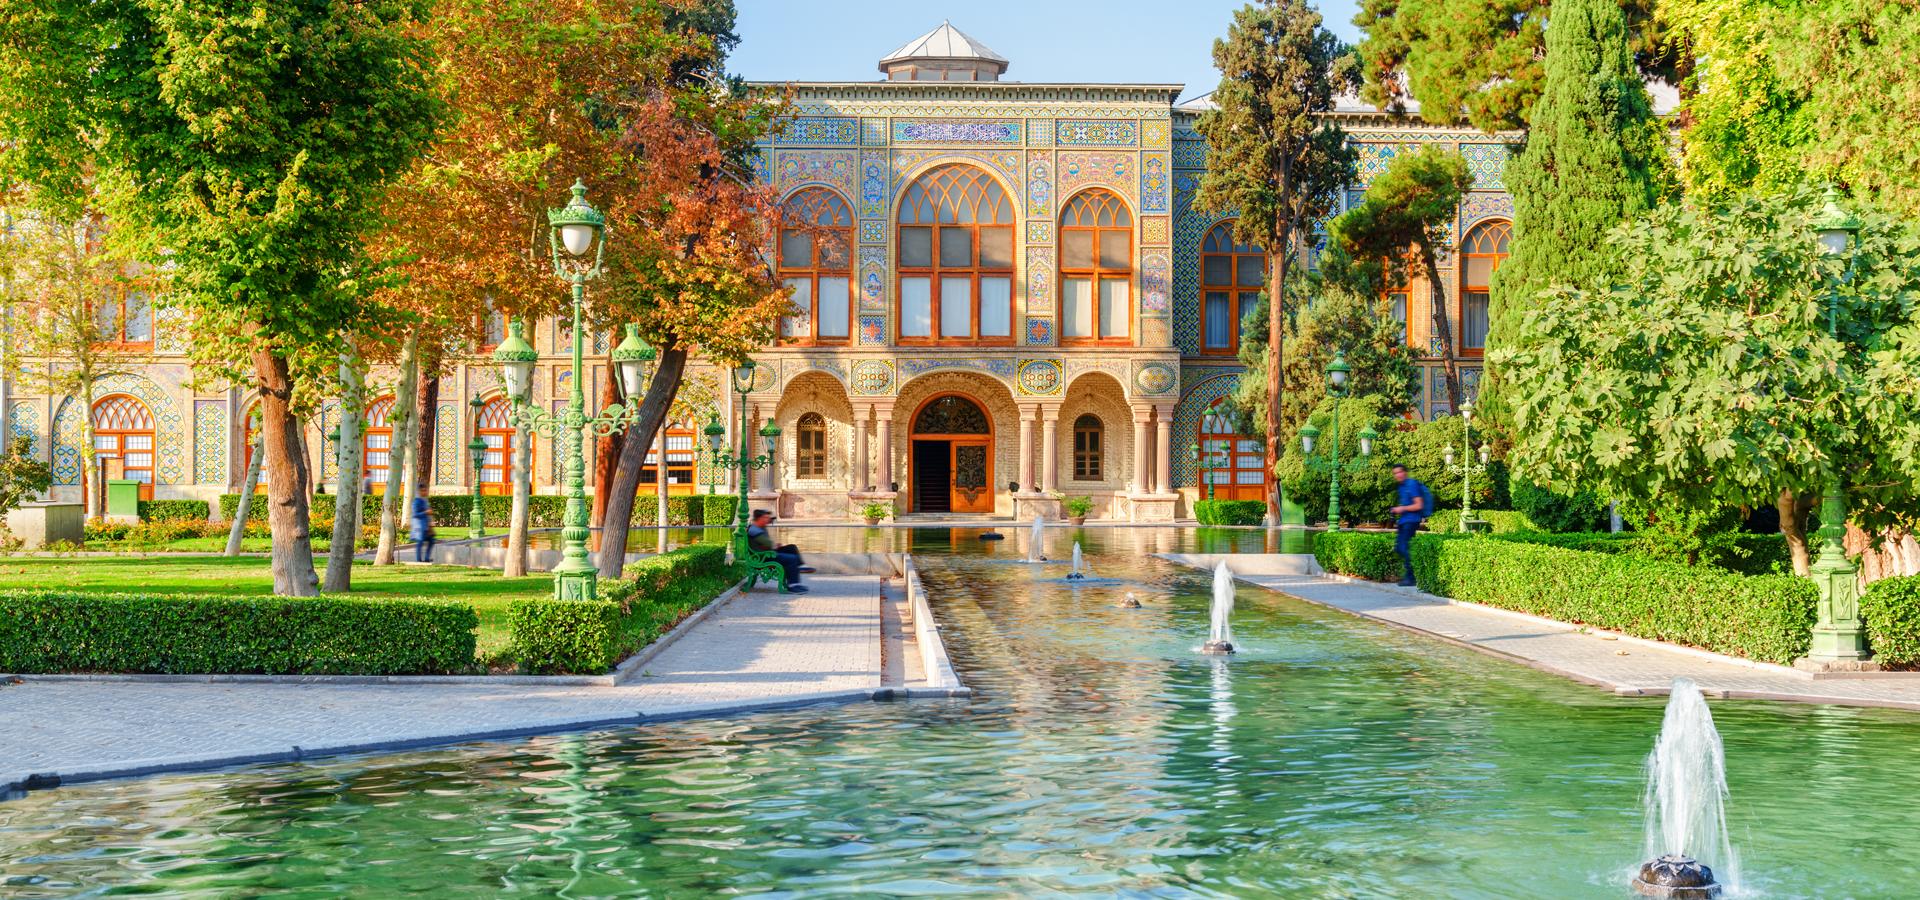 Peer-to-peer advisory in Tehran, Iran